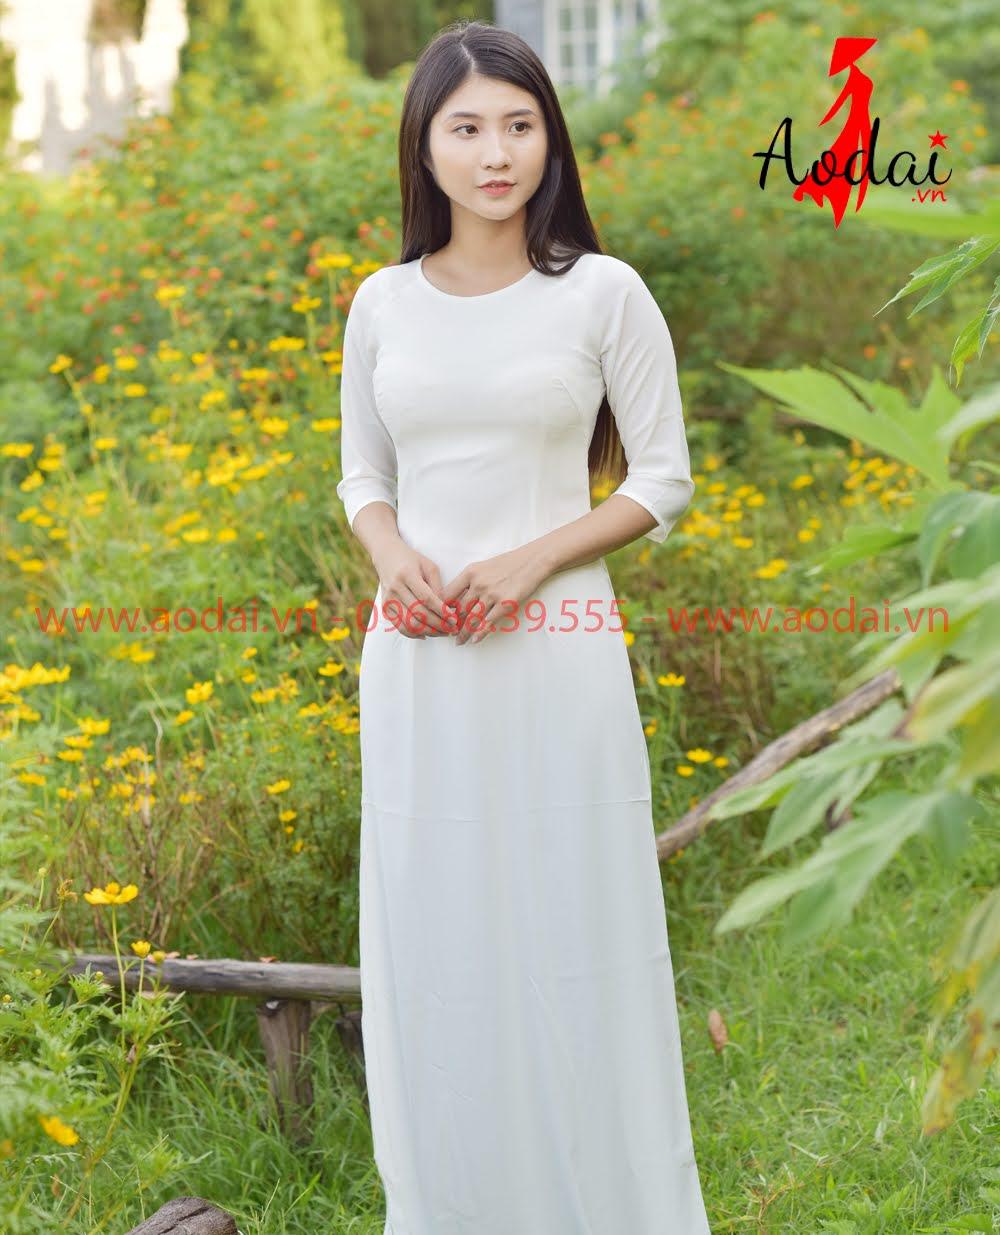 May áo dài tại Trà Vinh